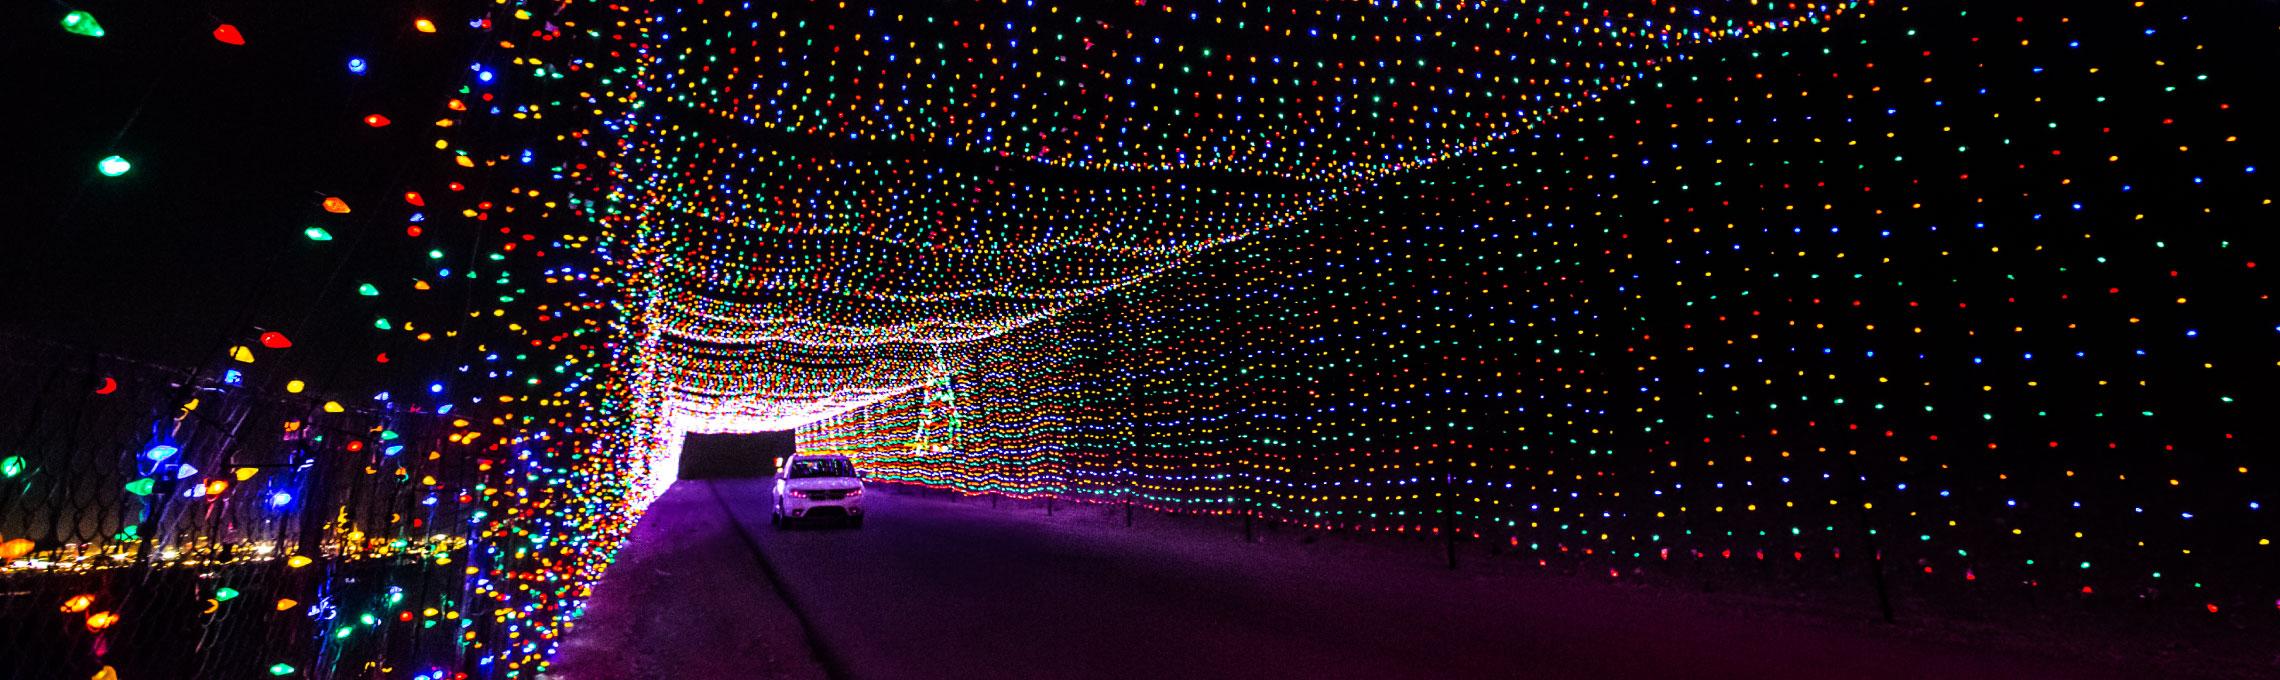 glitteringlights.jpg christmas lights las vegas motor speedway